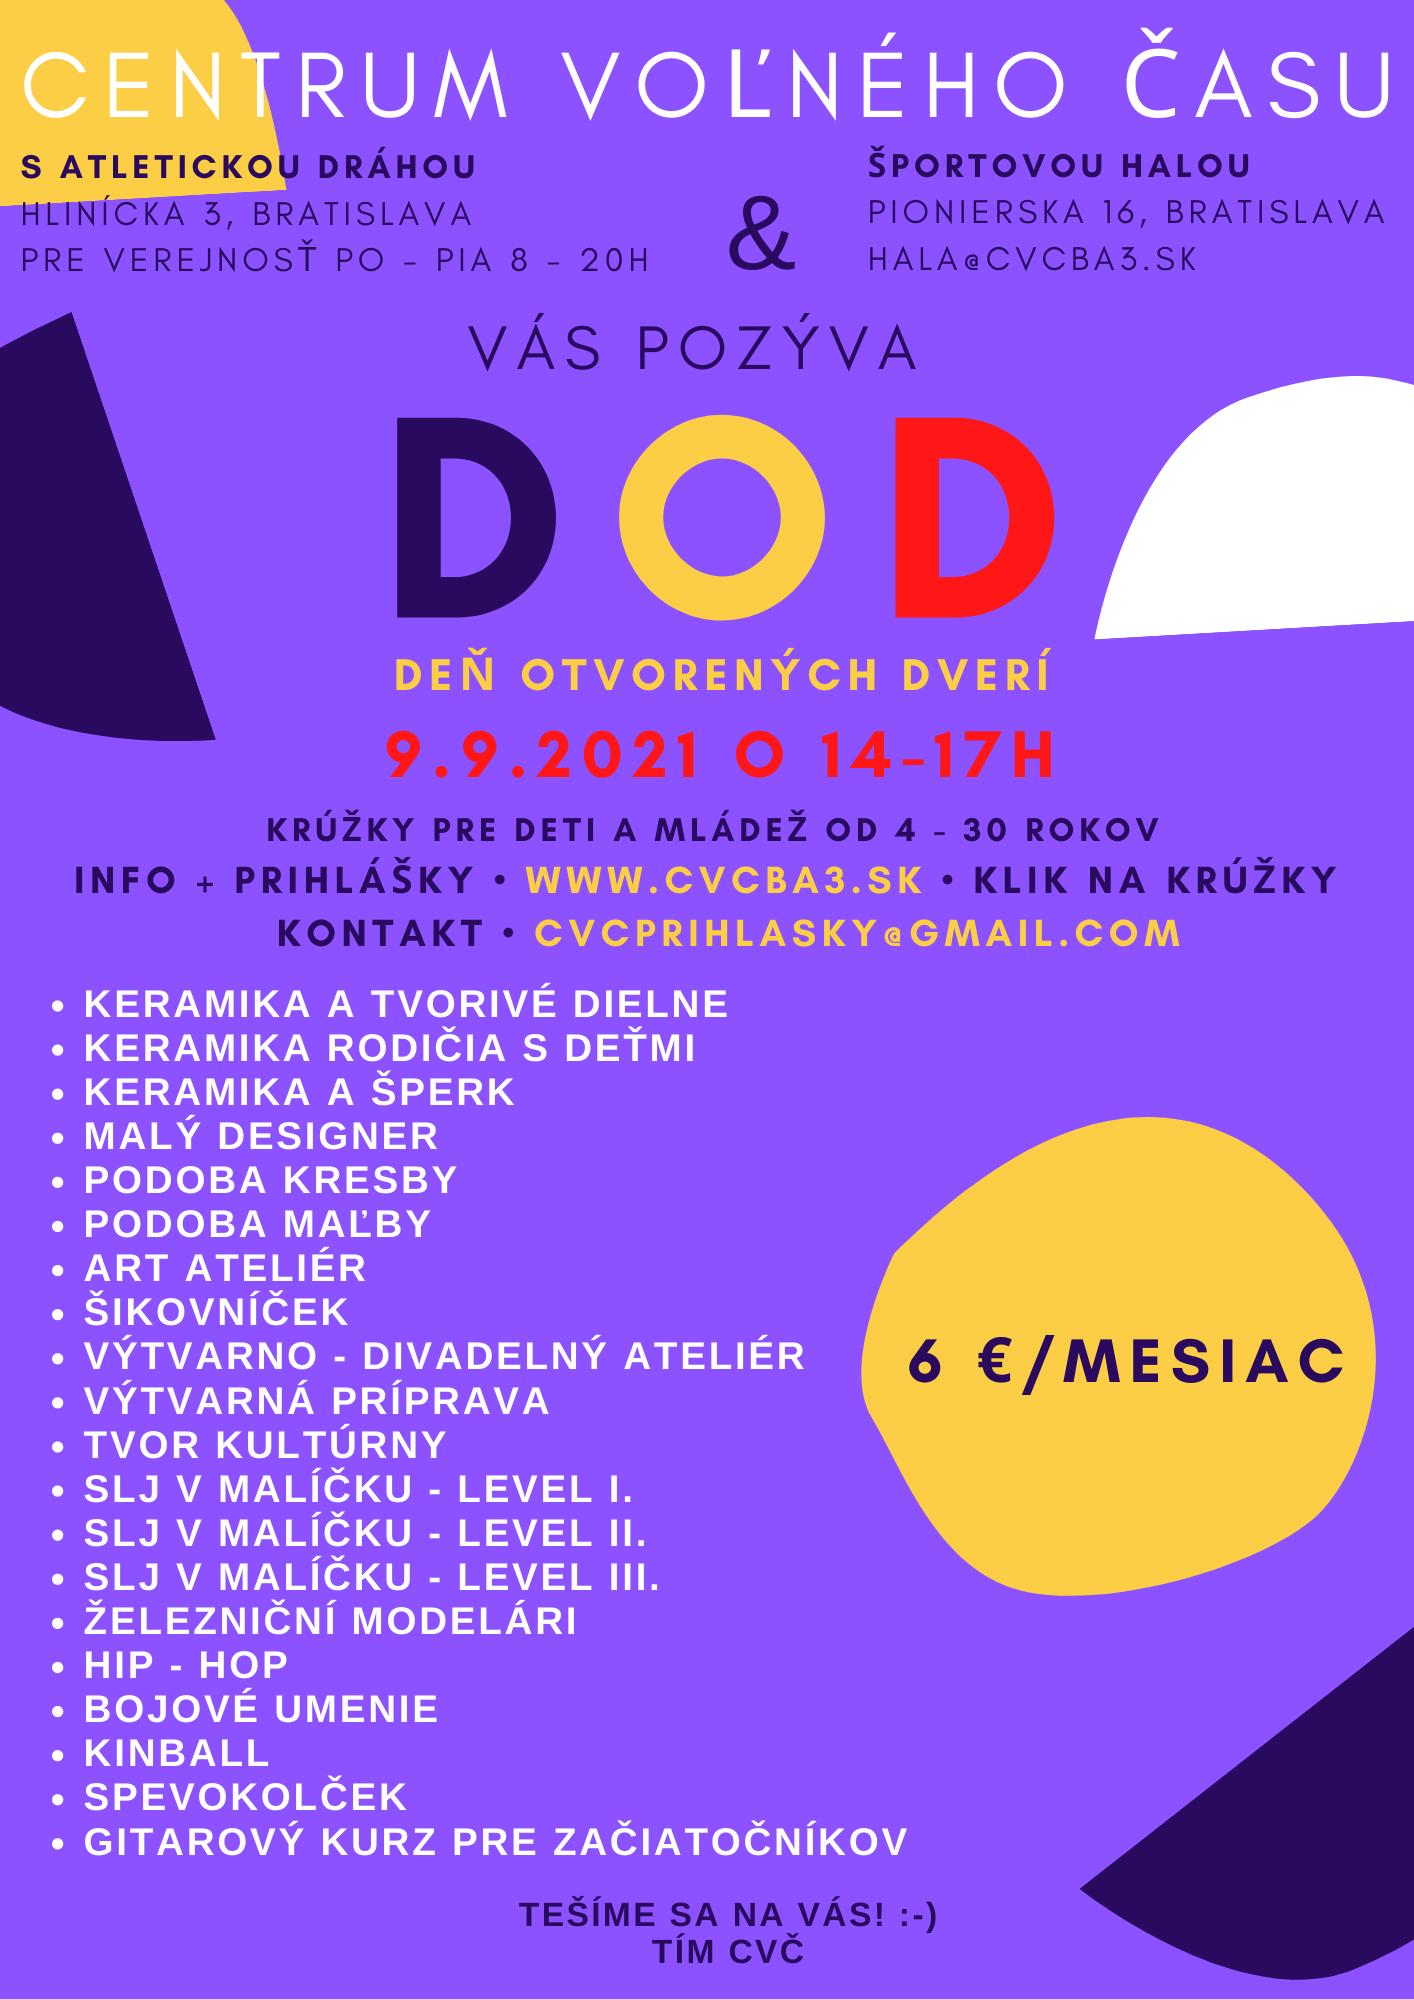 Deň otvorených dverí v CVČ Krasňany - 9.9.2021 od 14:00 do 17:00